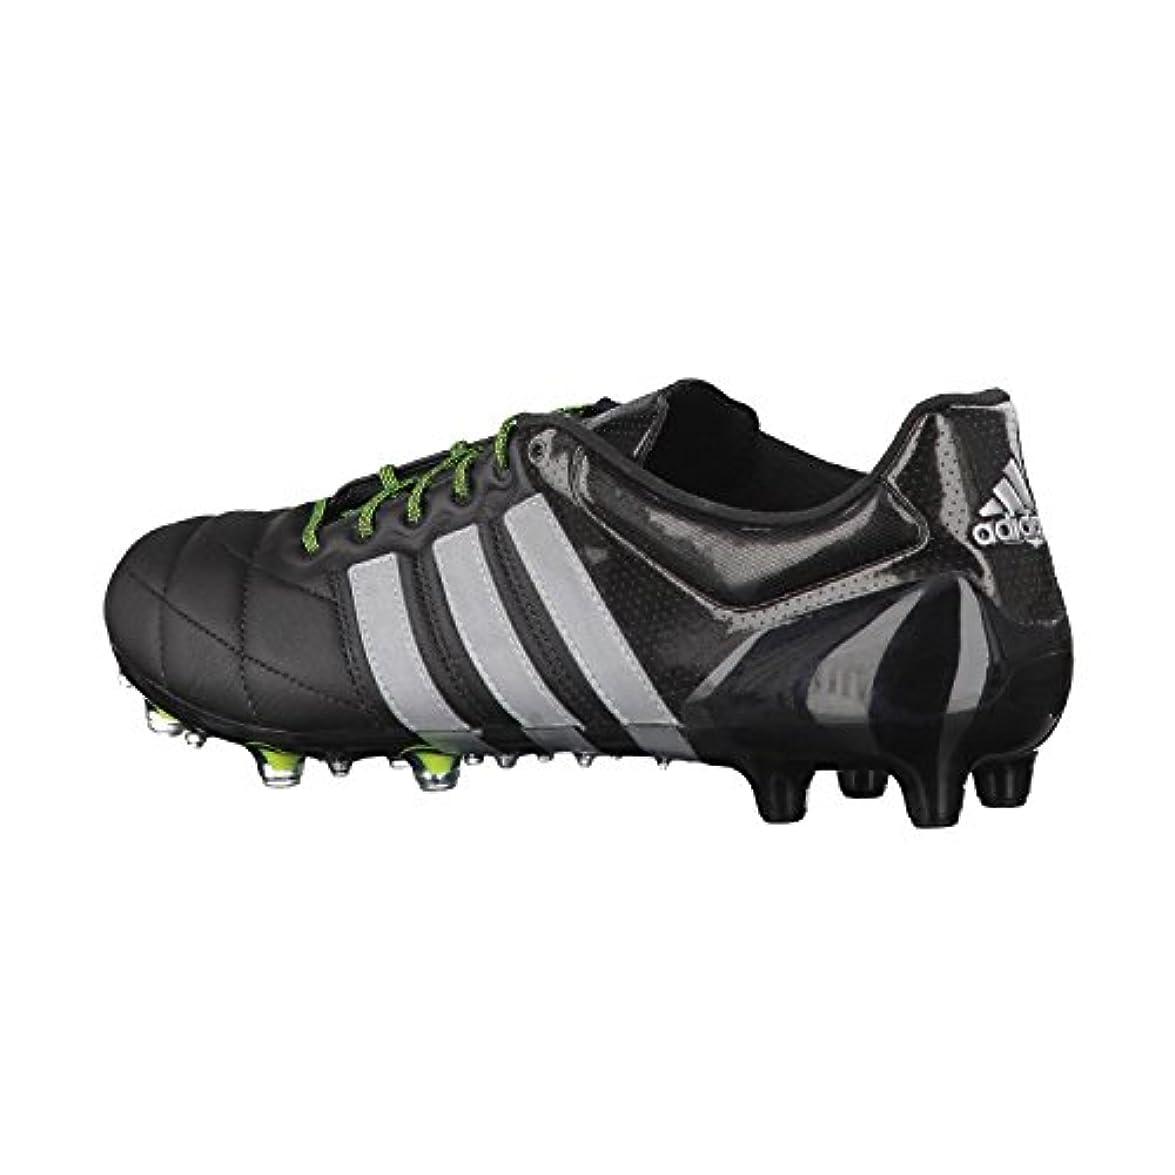 Adidas - Ace 15 1 Fg ag Leath Scarpe Da Calcio Uomo